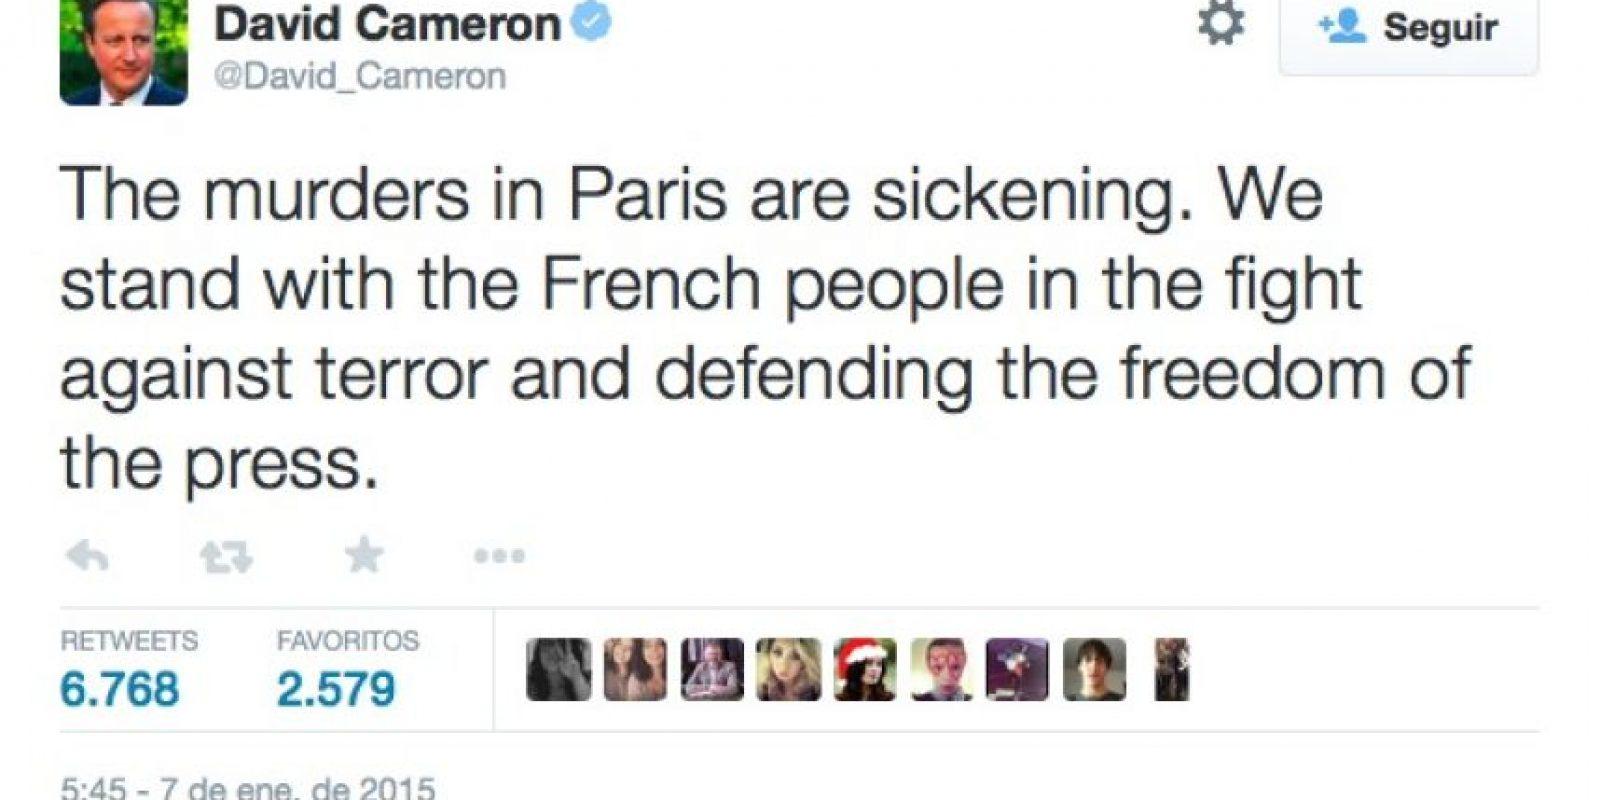 """David Cameron, Primer Ministro de Inglaterra: """"Los asesinatos en París son repugnantes. Estamos con el pueblo francés en la lucha contra el terrorismo y la defensa de la libertad de prensa"""". Foto:Twitter"""